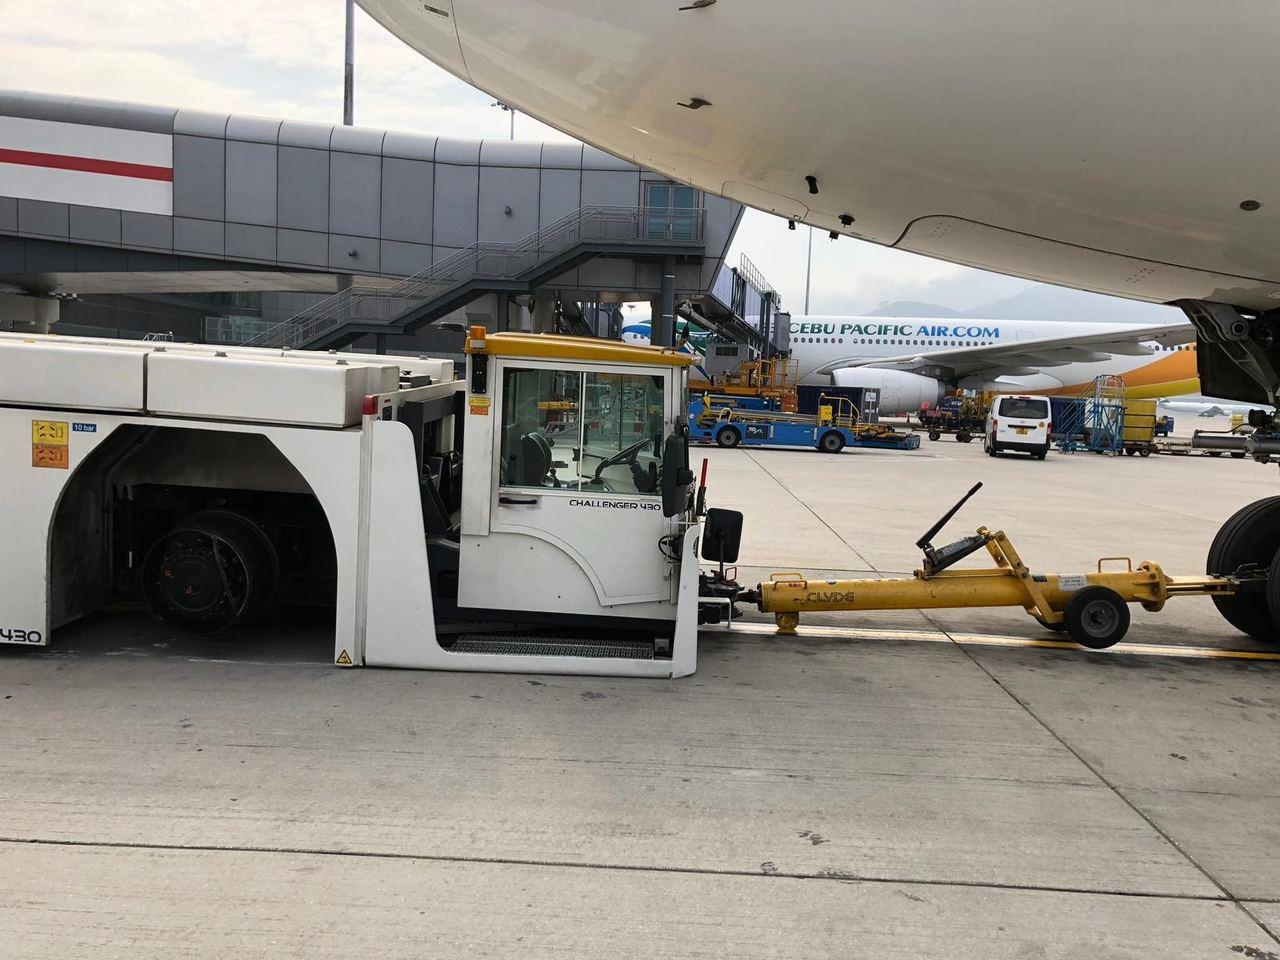 新款的飛機拖車輪胎突爆胎噴飛,航空公司推測可能是輪胎問題或是遭尖銳物刺穿。 圖/...